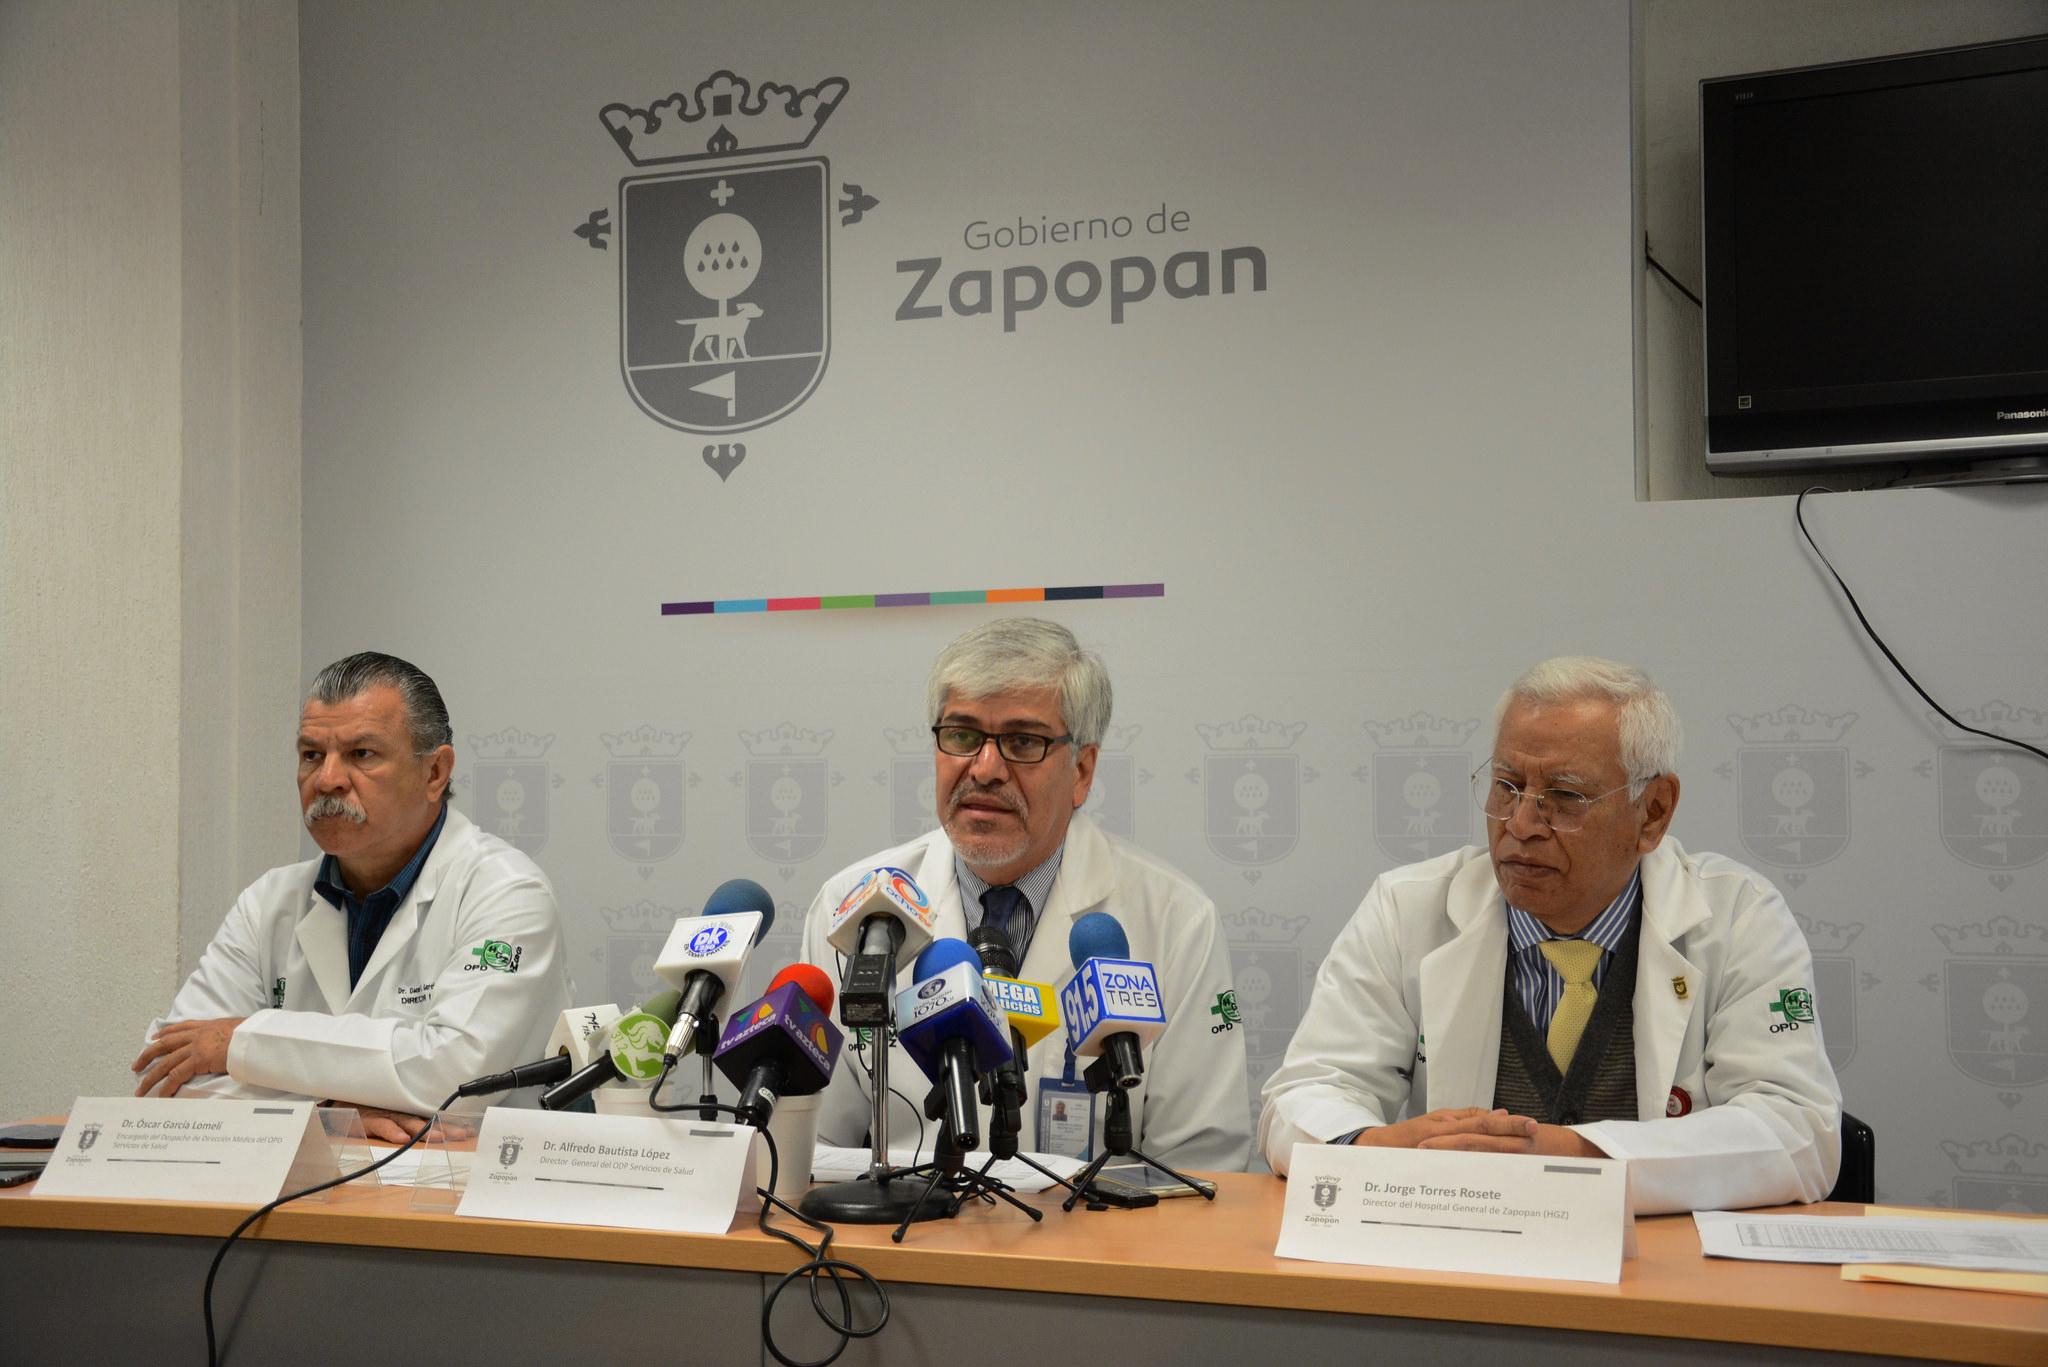 El Hospital General de Zapopan presenta avances en capacitación y equipamiento, en el marco del 70°aniversario del OPD Servicios de Salud